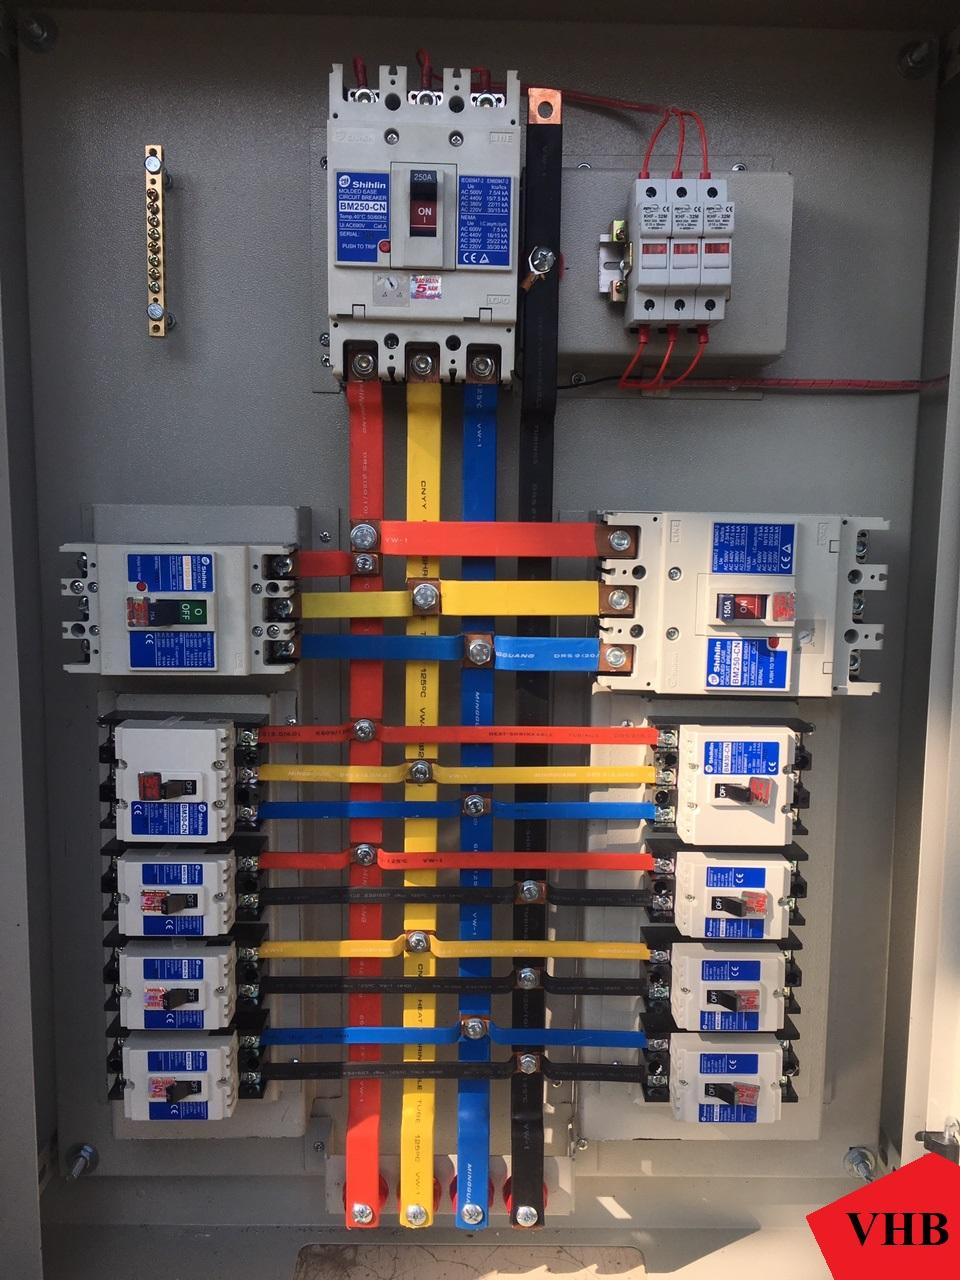 Thanh đồng dùng trong các tủ điện